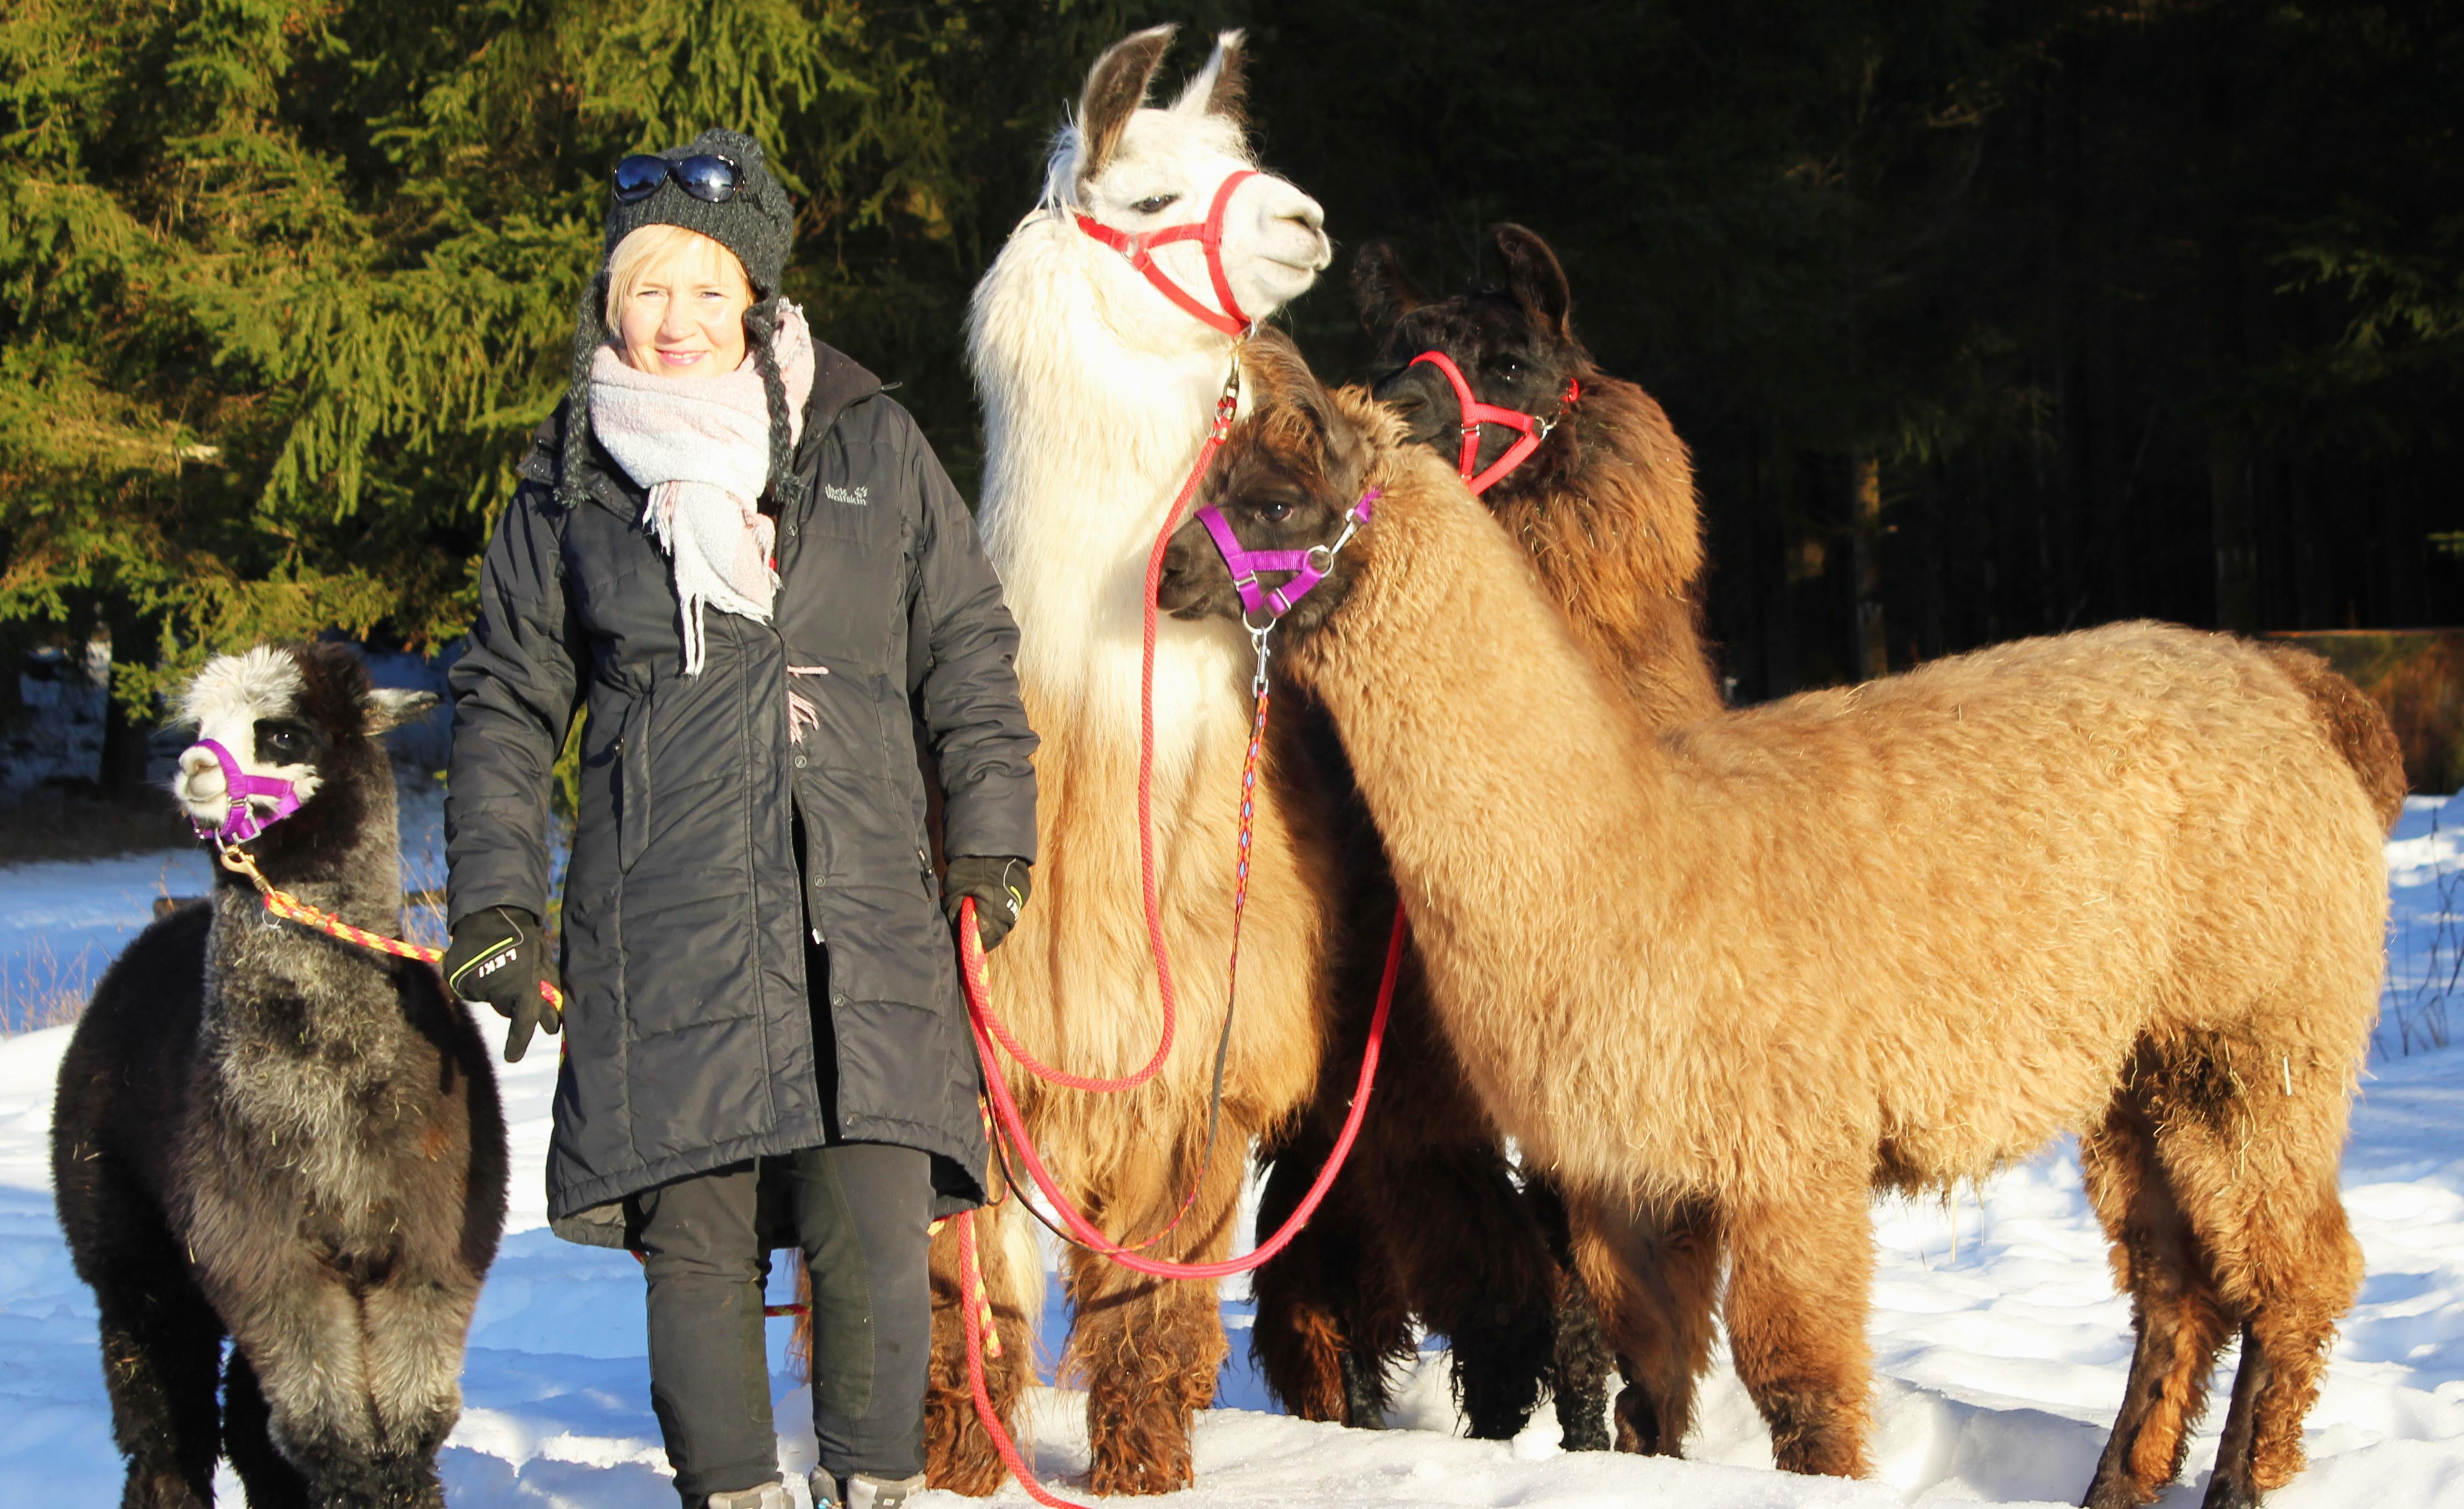 Wandern Mit Lama Alpaka In Bayern Lapakaktiv Aktiv Mit Alpakas Und Lamas